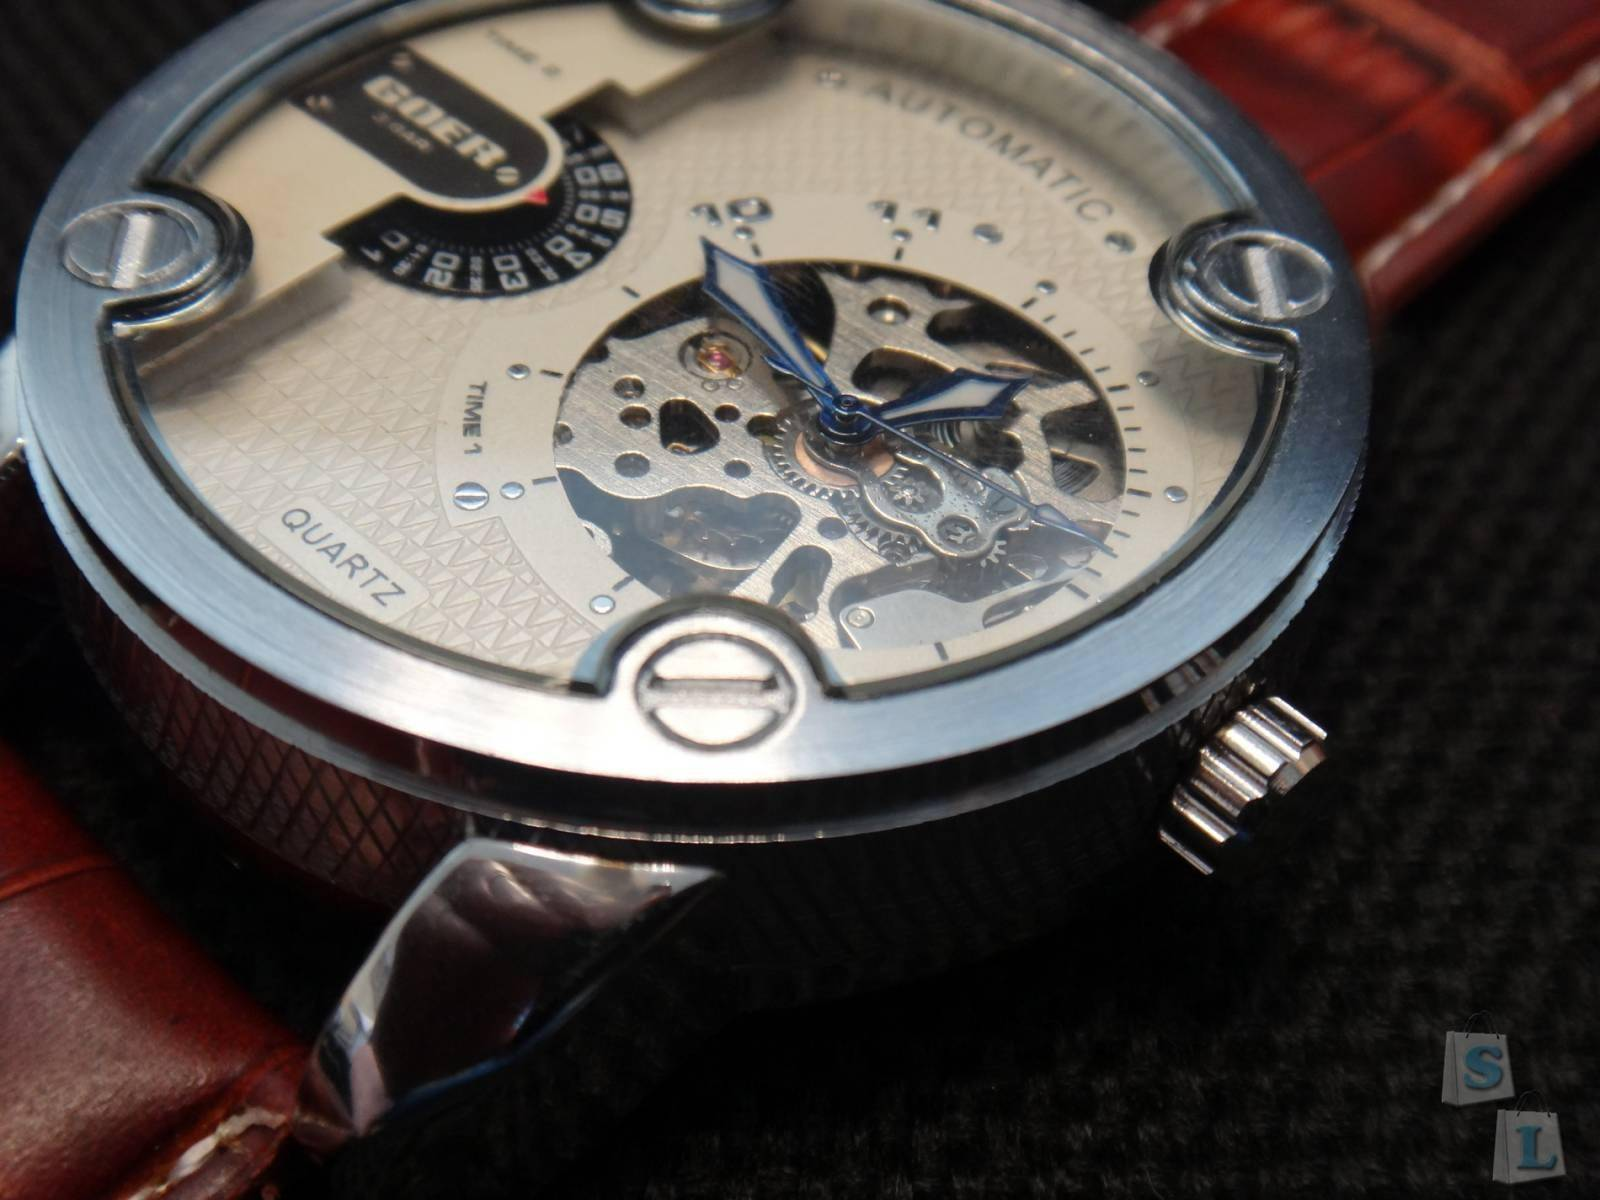 Реплика мужских часов Diesel DZ7272 или часы для тех кто любит побольше